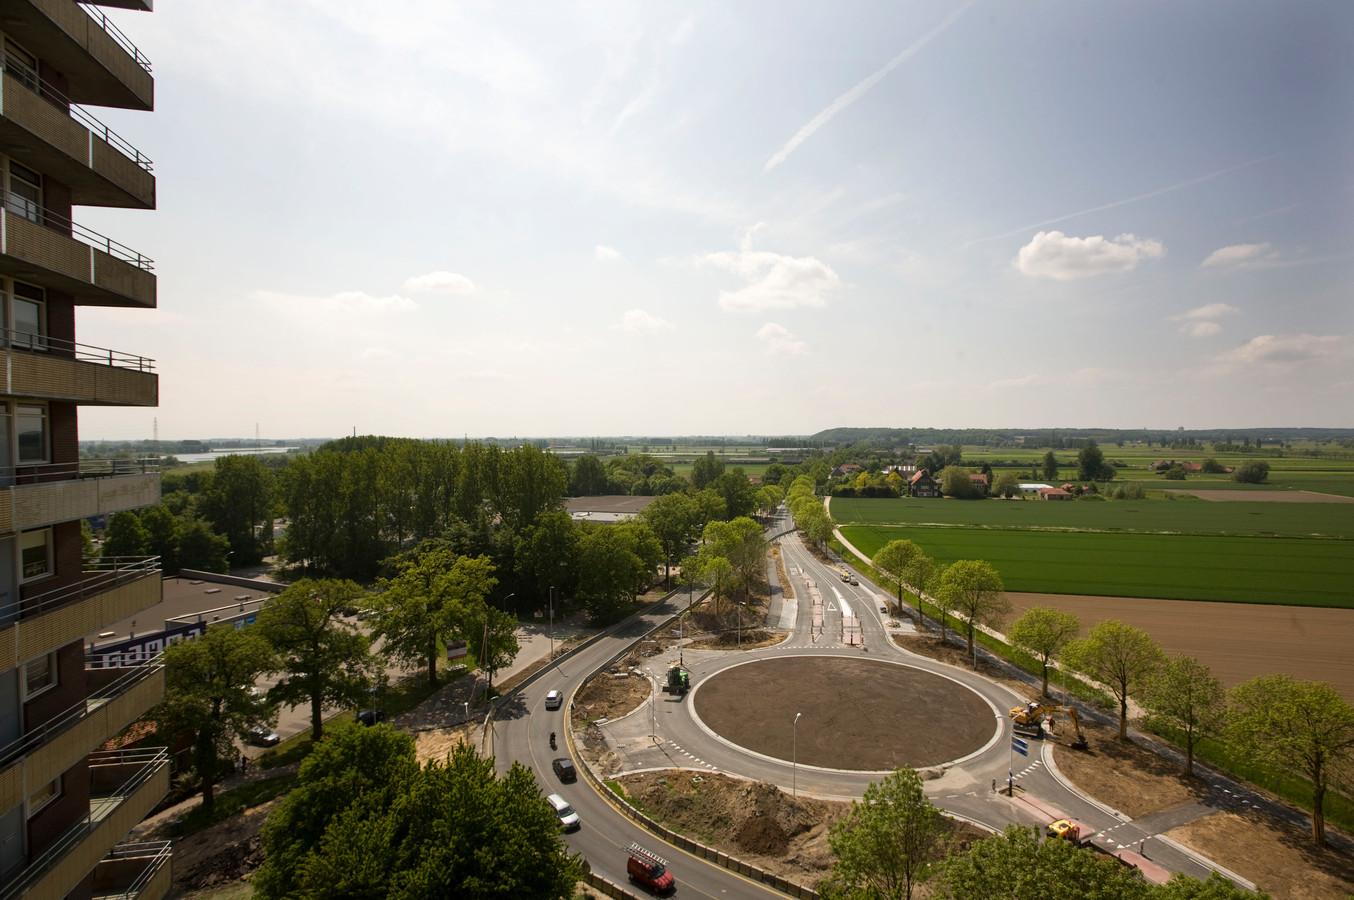 WAGENINGEN Links naast de weg ligt het Nudepark, waar onterecht bomen zijn  gekapt.